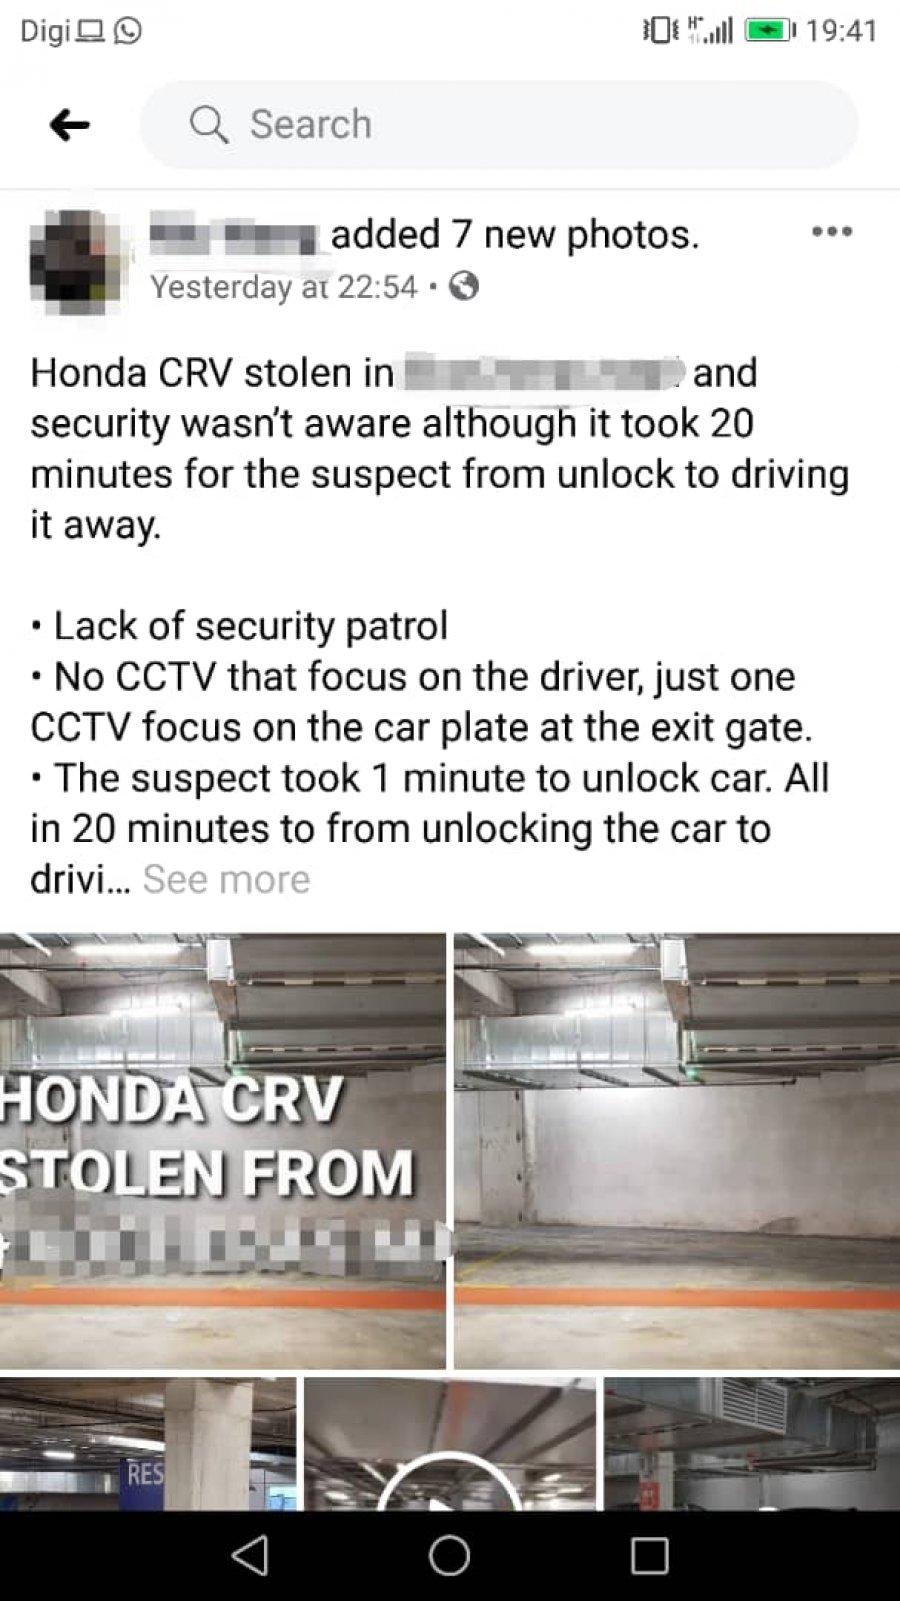 匪徒从容劫车 全程20分钟无人察觉